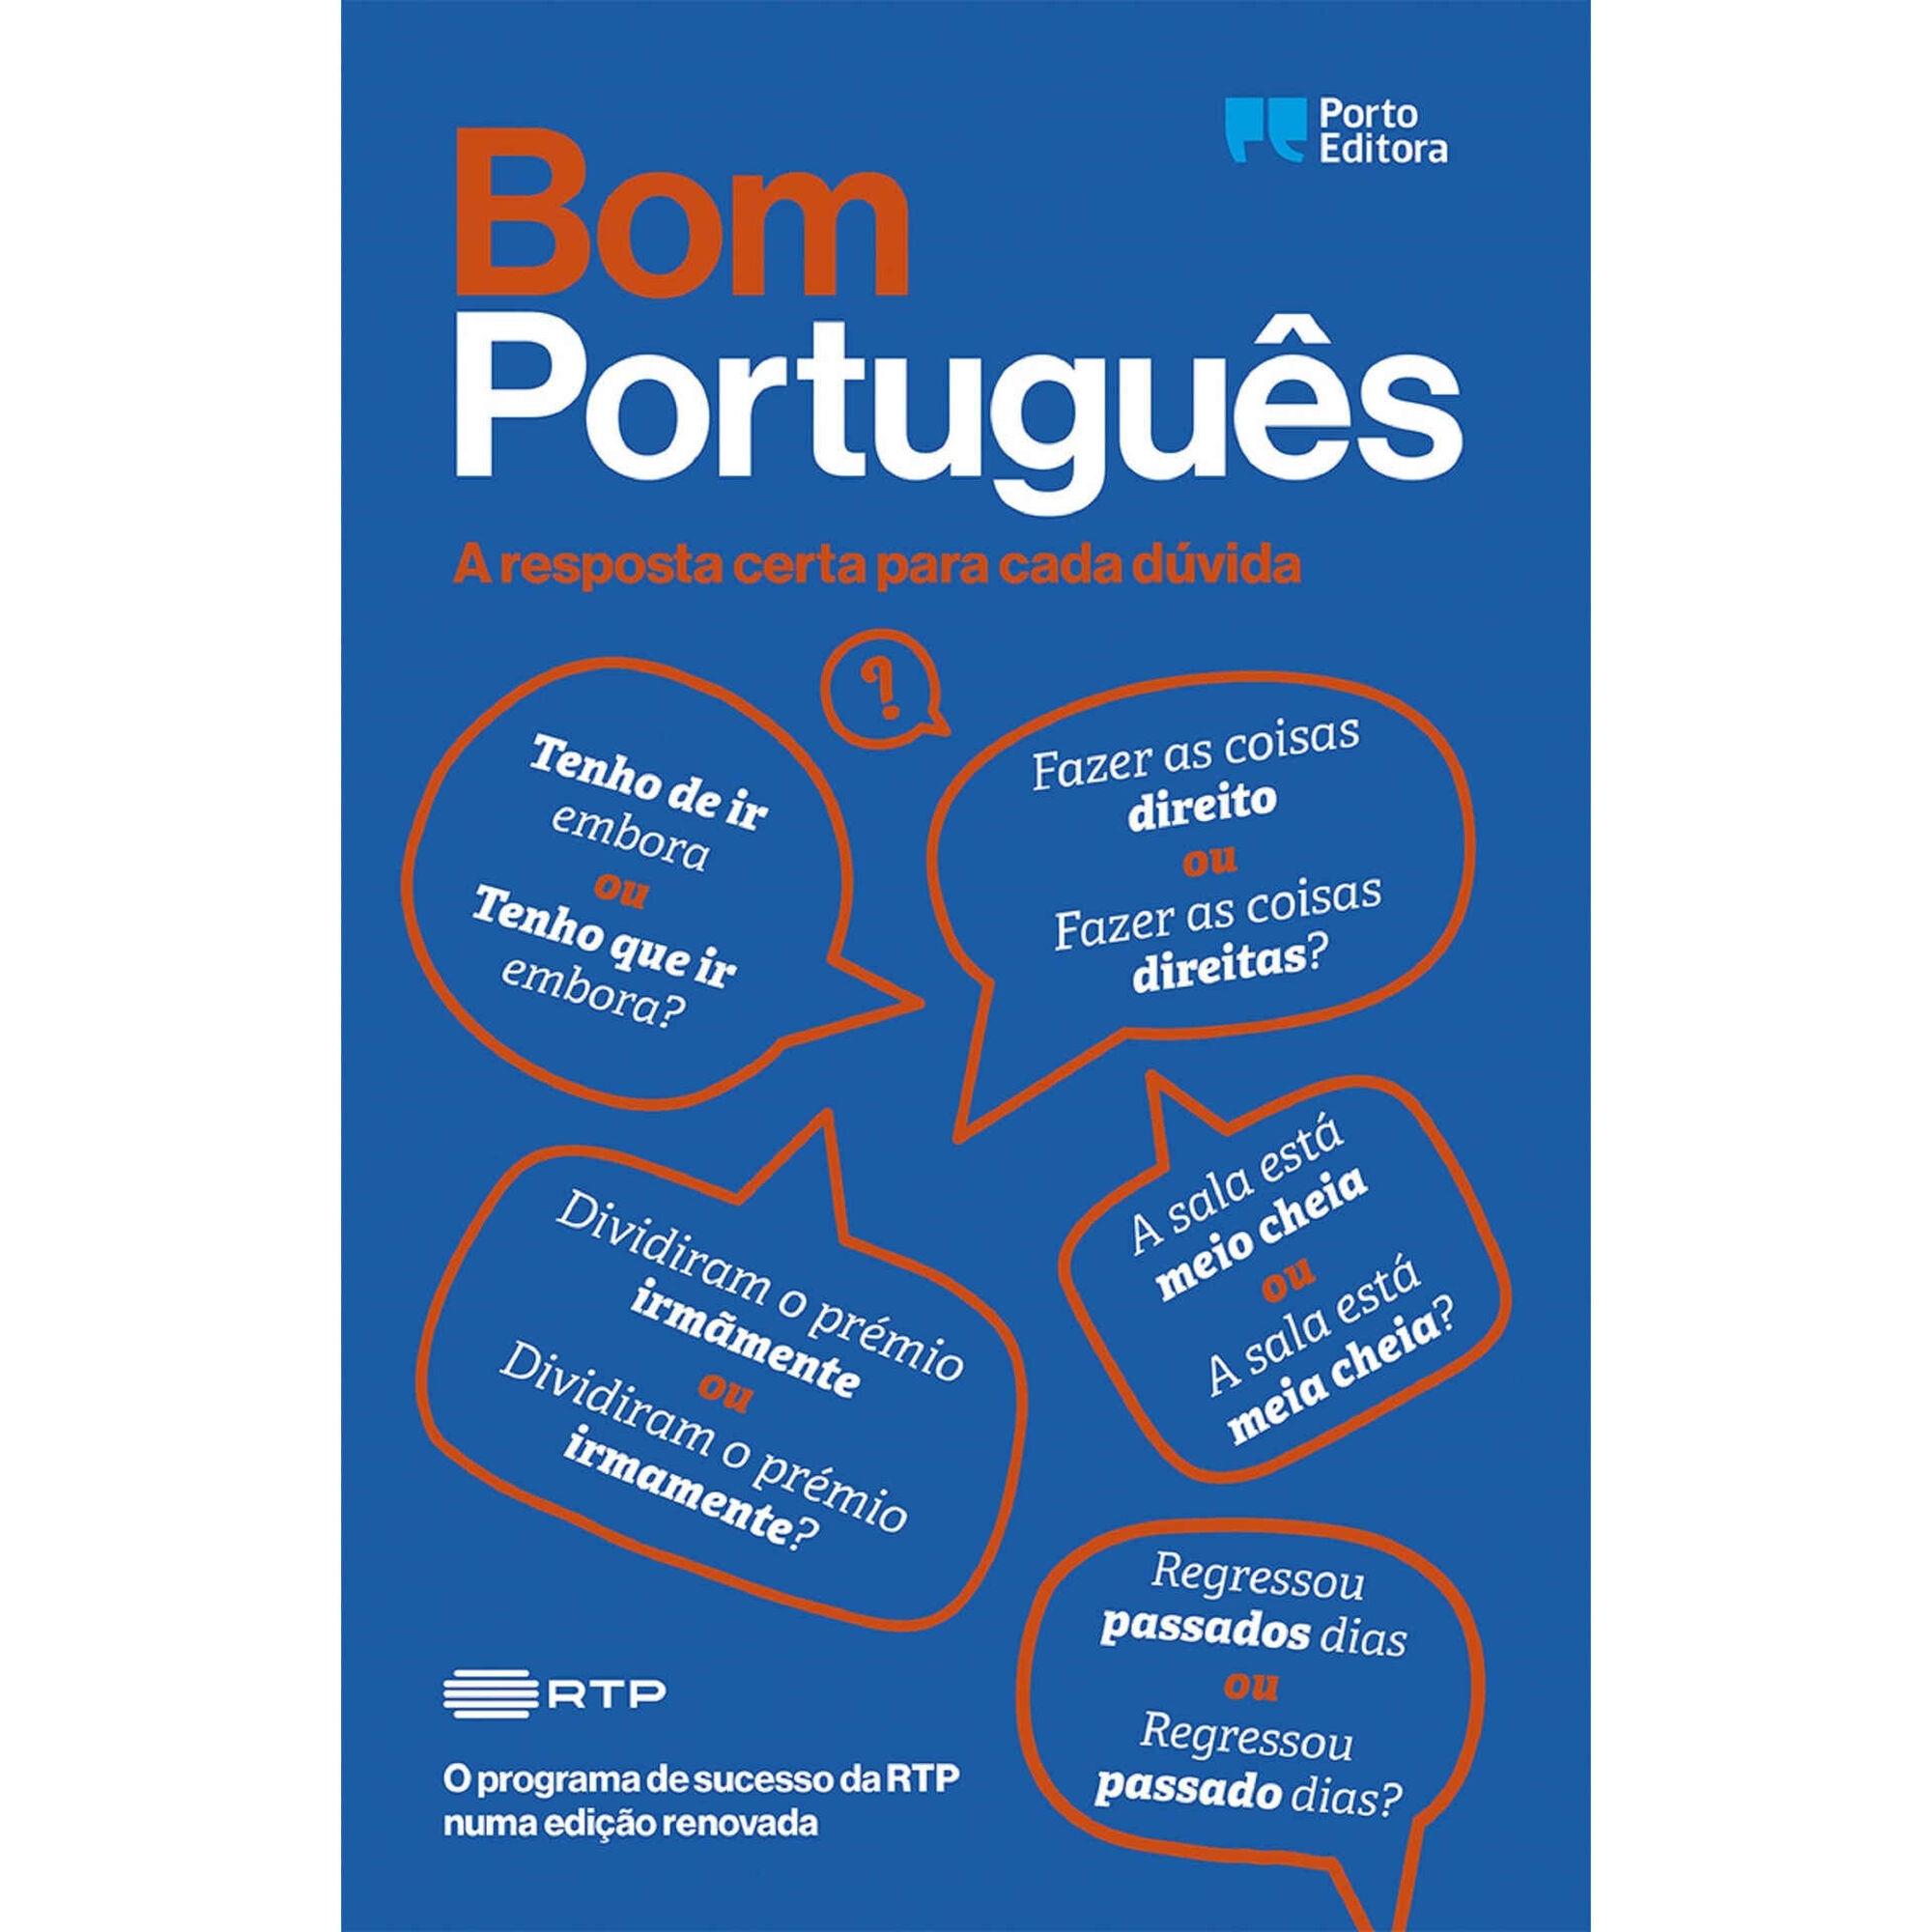 Bom Português - A Resposta Certa Para Cada Dúvida